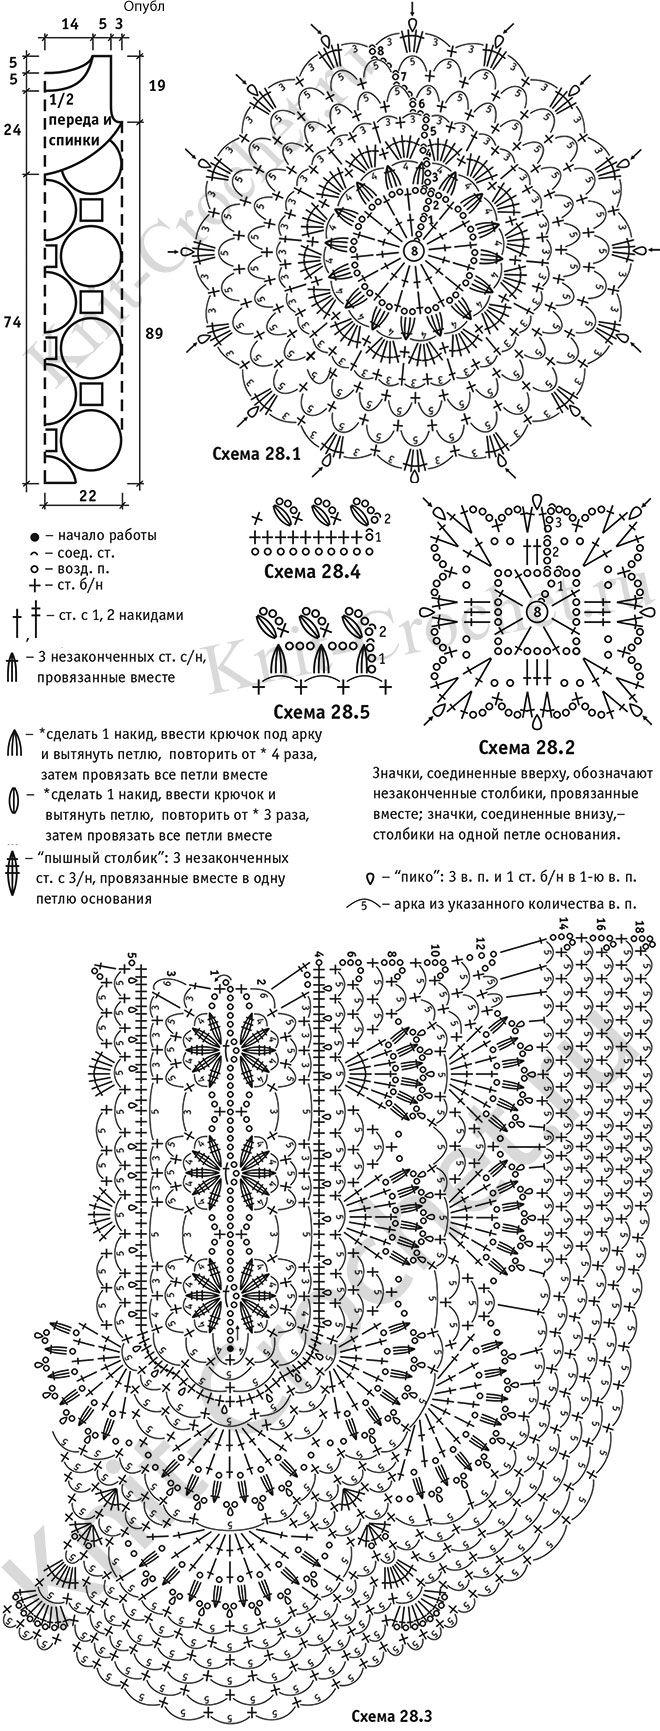 Μοτίβο, σχεδιαγραμμάτων κυκλωμάτων με βελονάκι πλεξίματος μεγέθους περιγραφή φόρεμα της floral μοτίβα 46-48.